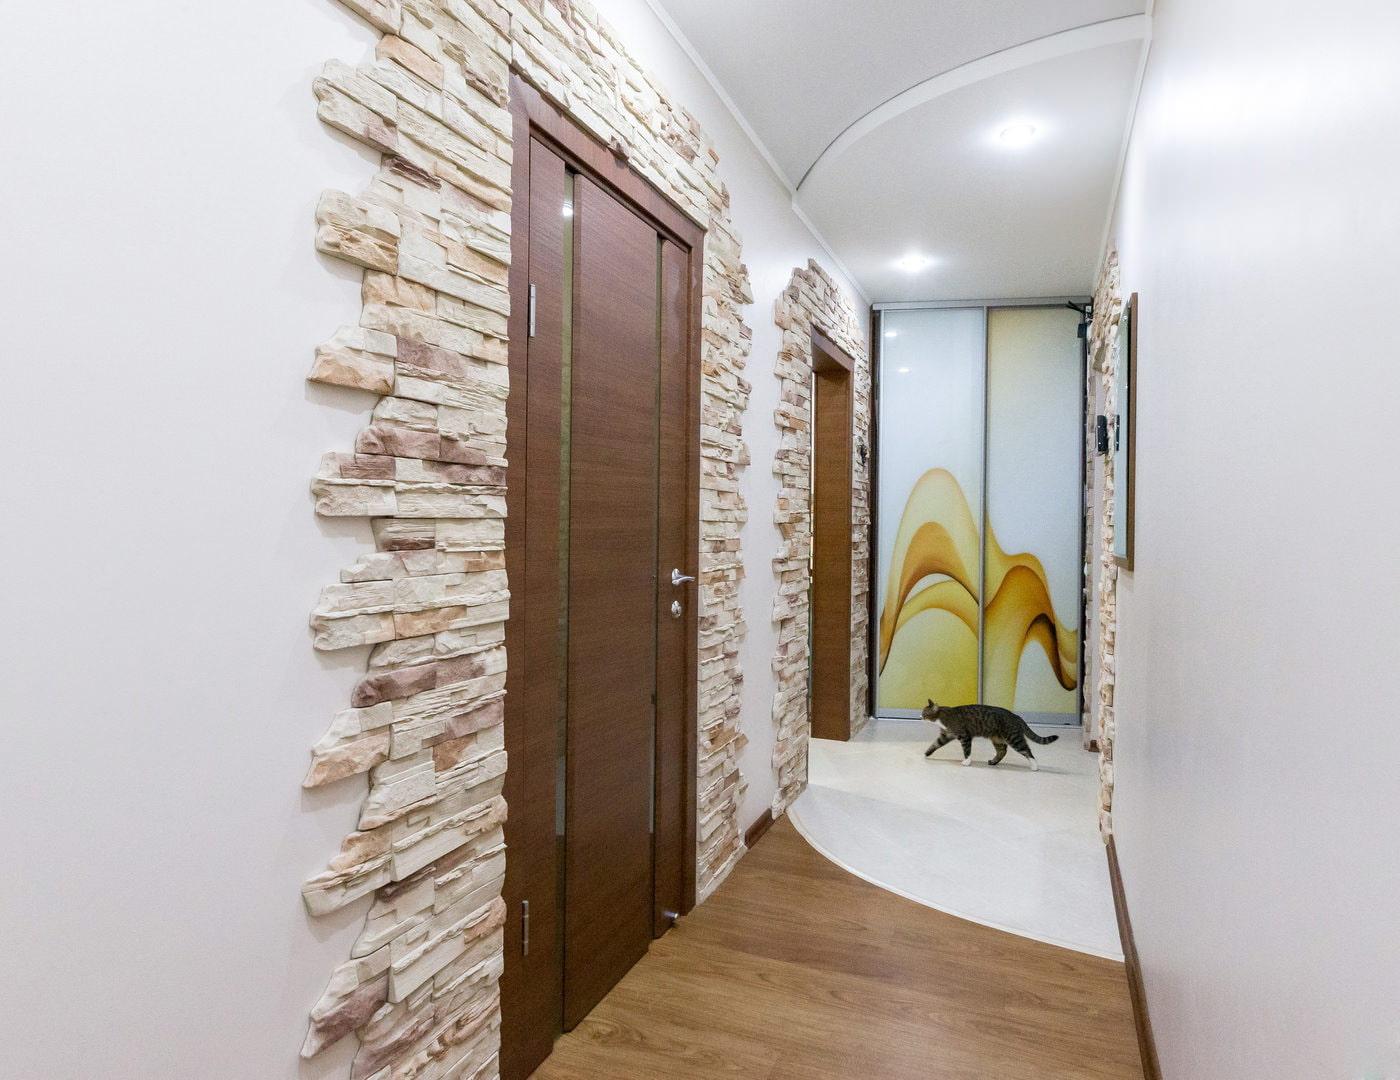 двери оформленные декоративным камнем